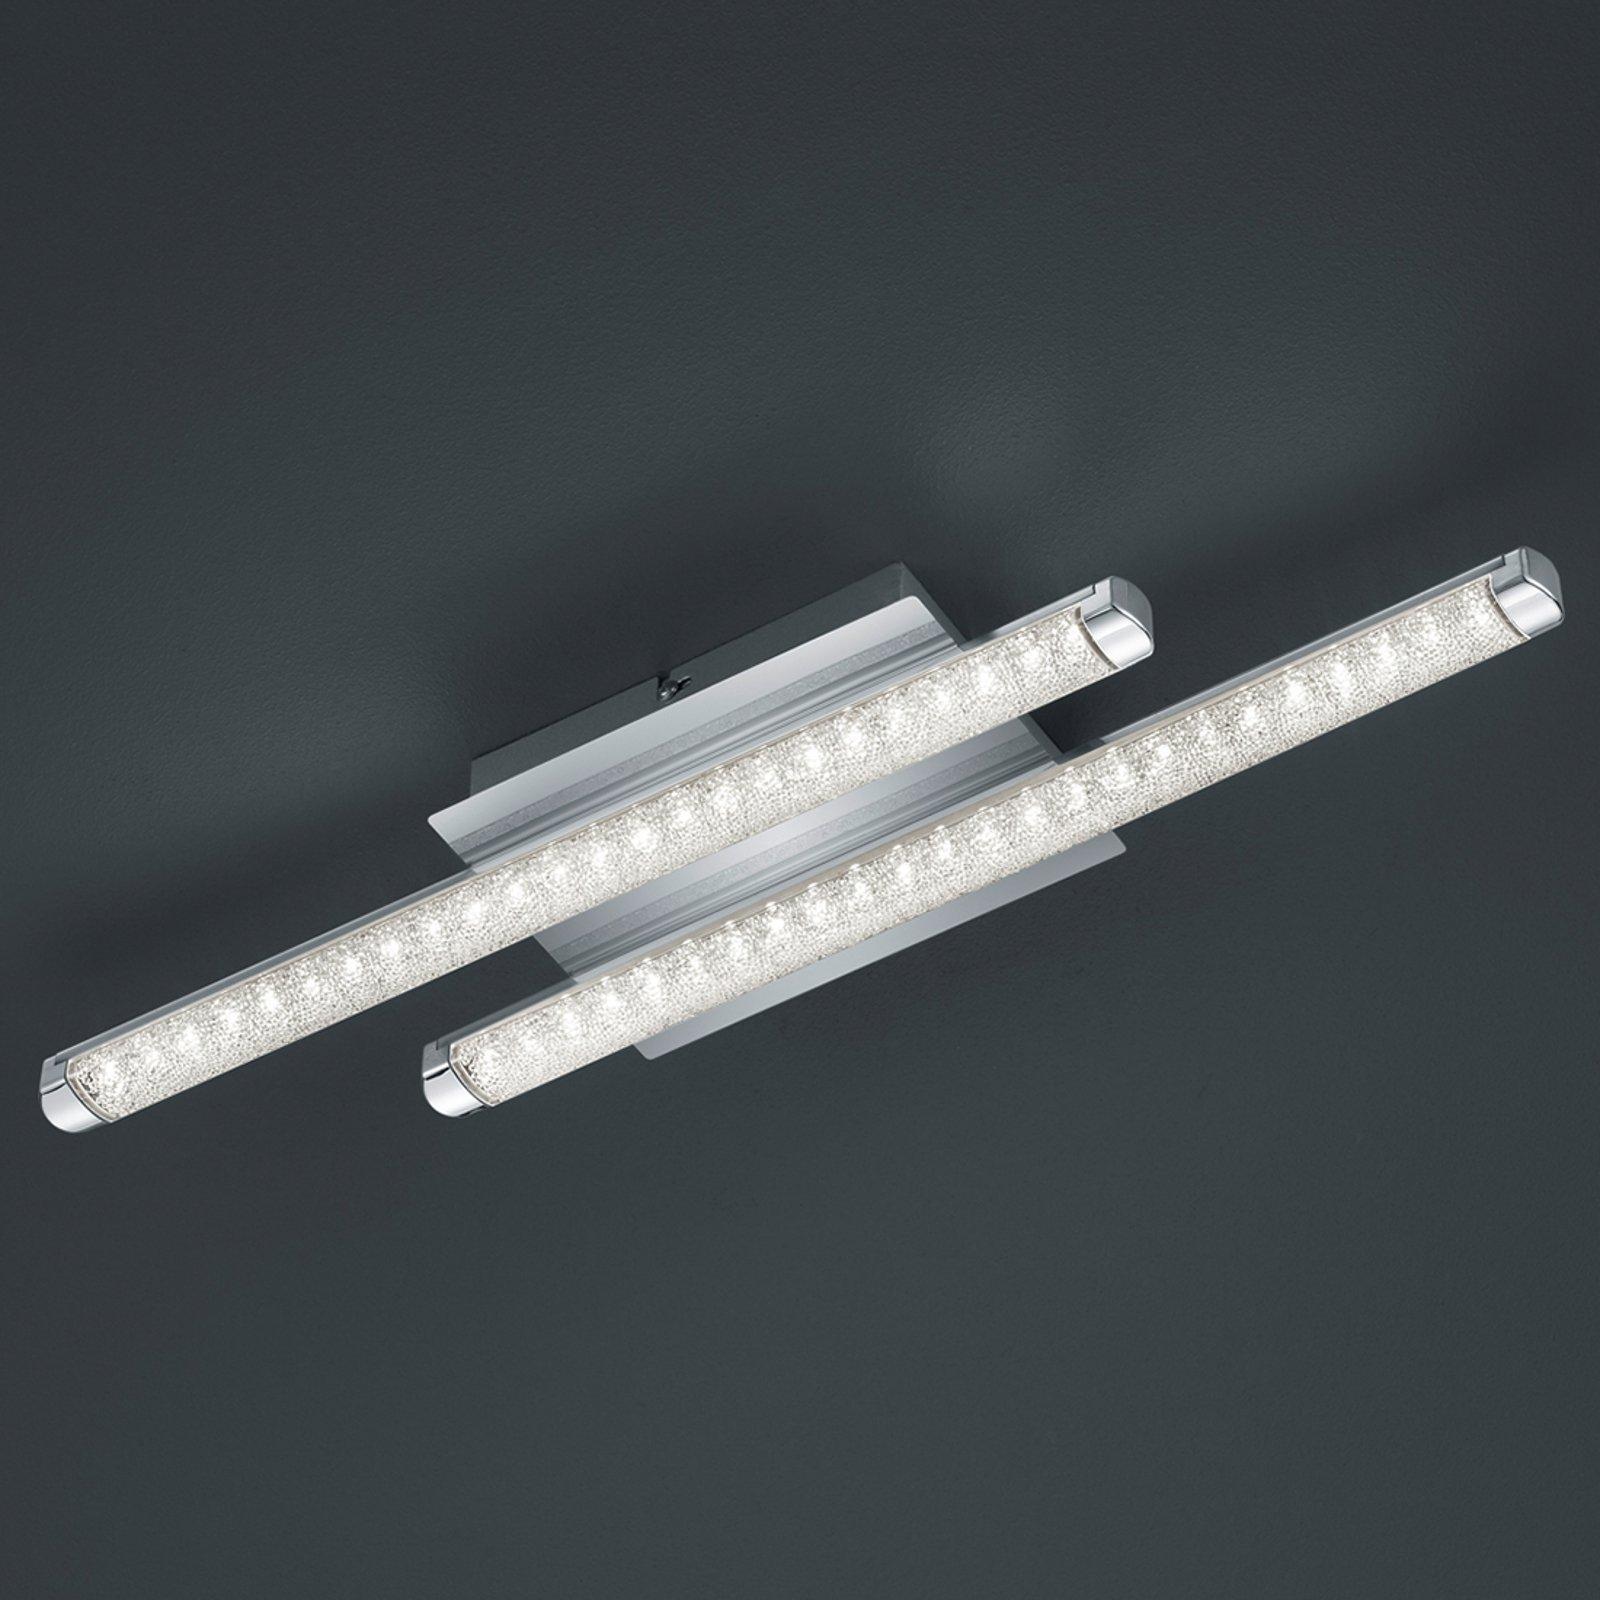 Street - glitrende LED taklampe.